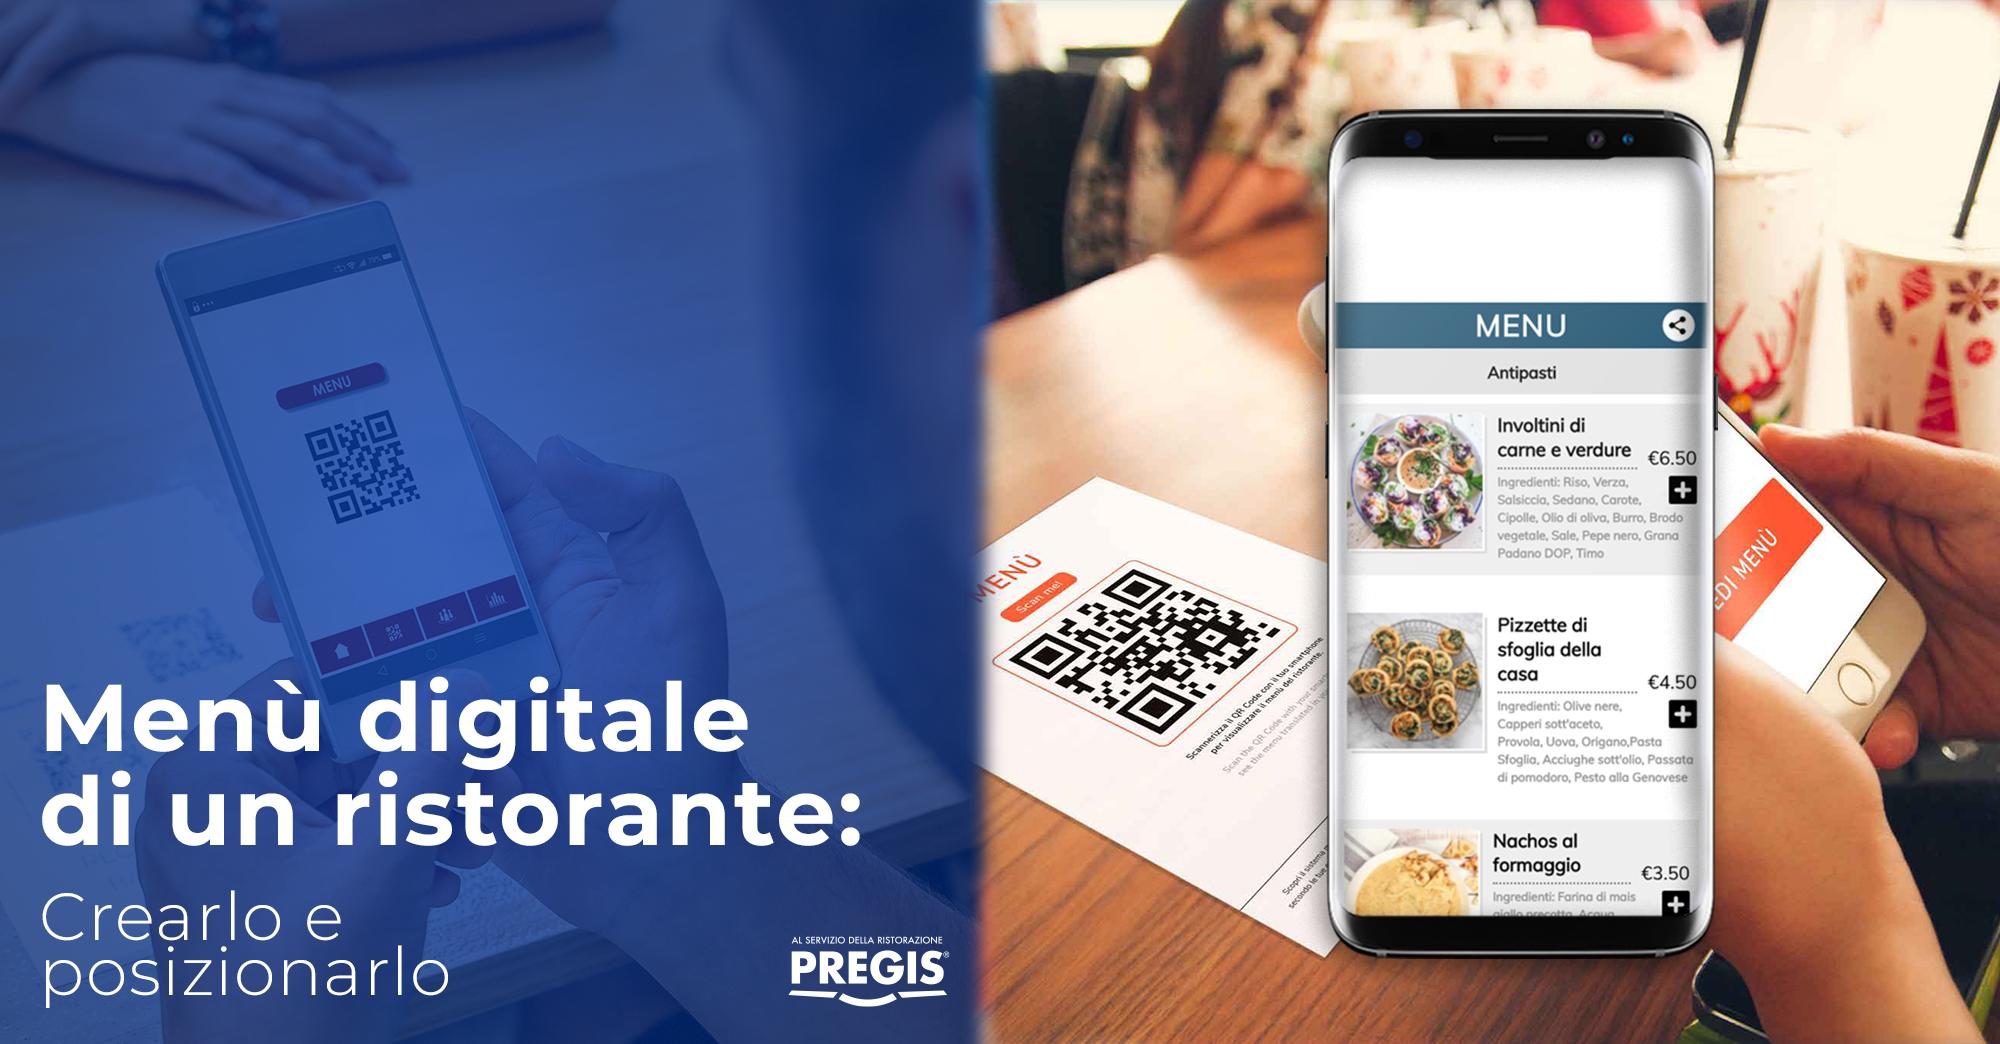 Menù digitale di un ristorante: crearlo e posizionarlo